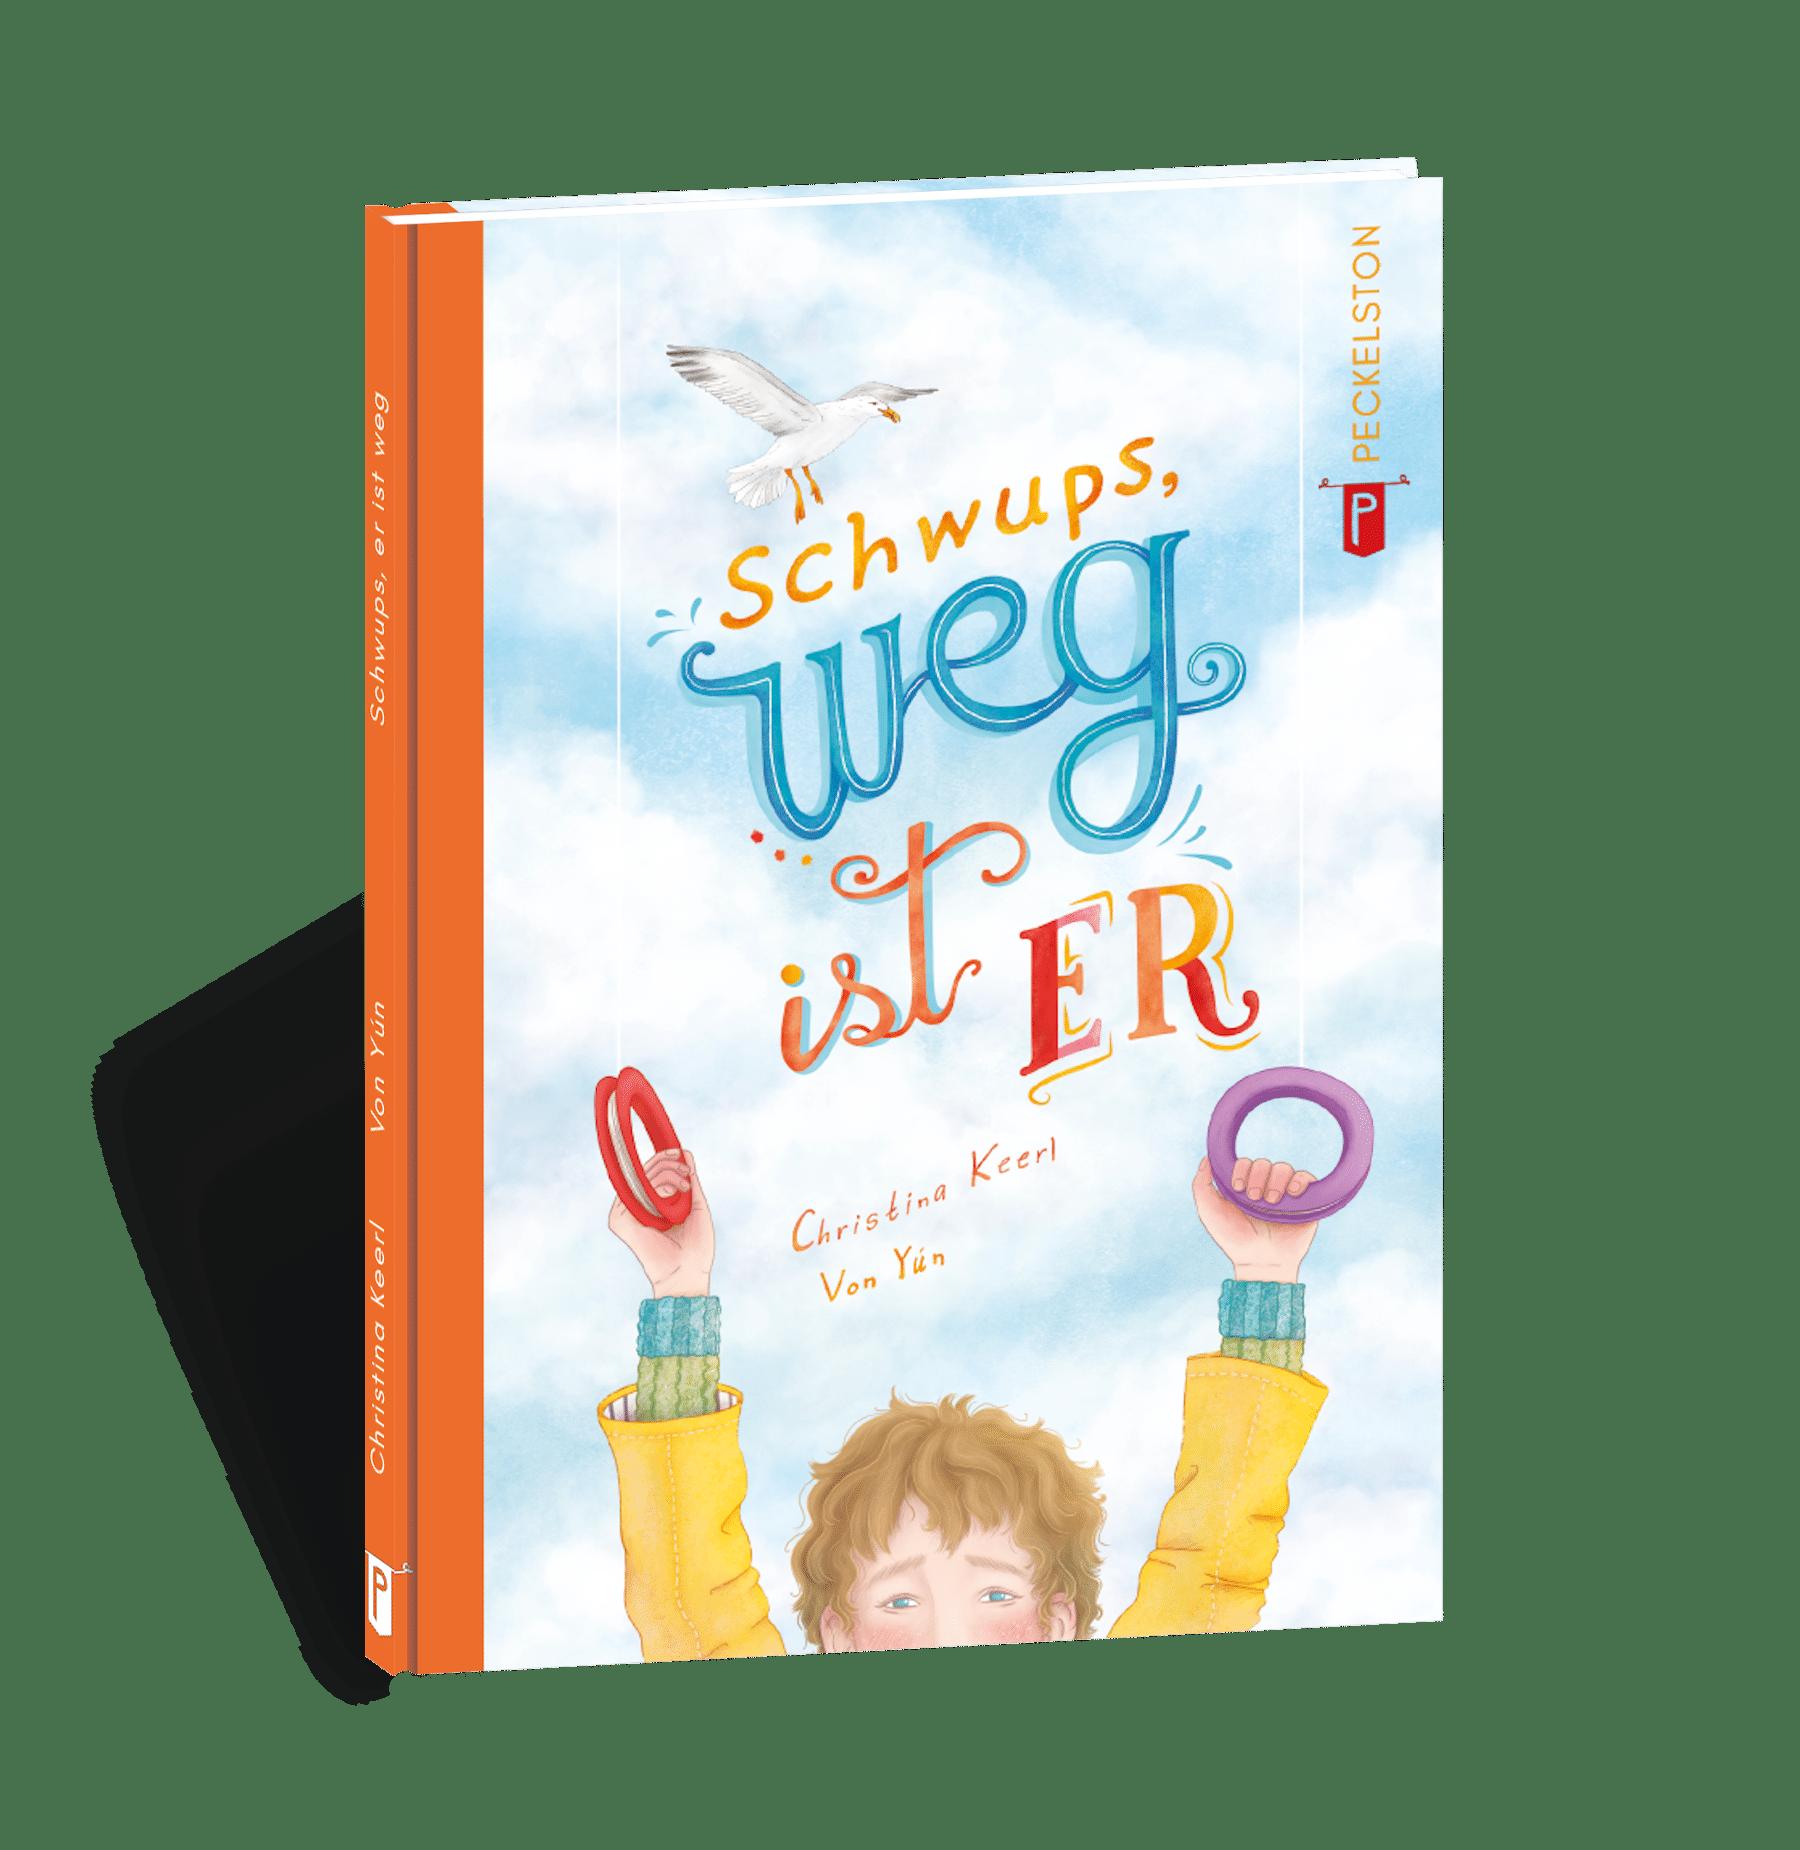 peckelston kinderbuchverlag schwups, er ist weg christina keerl von yun